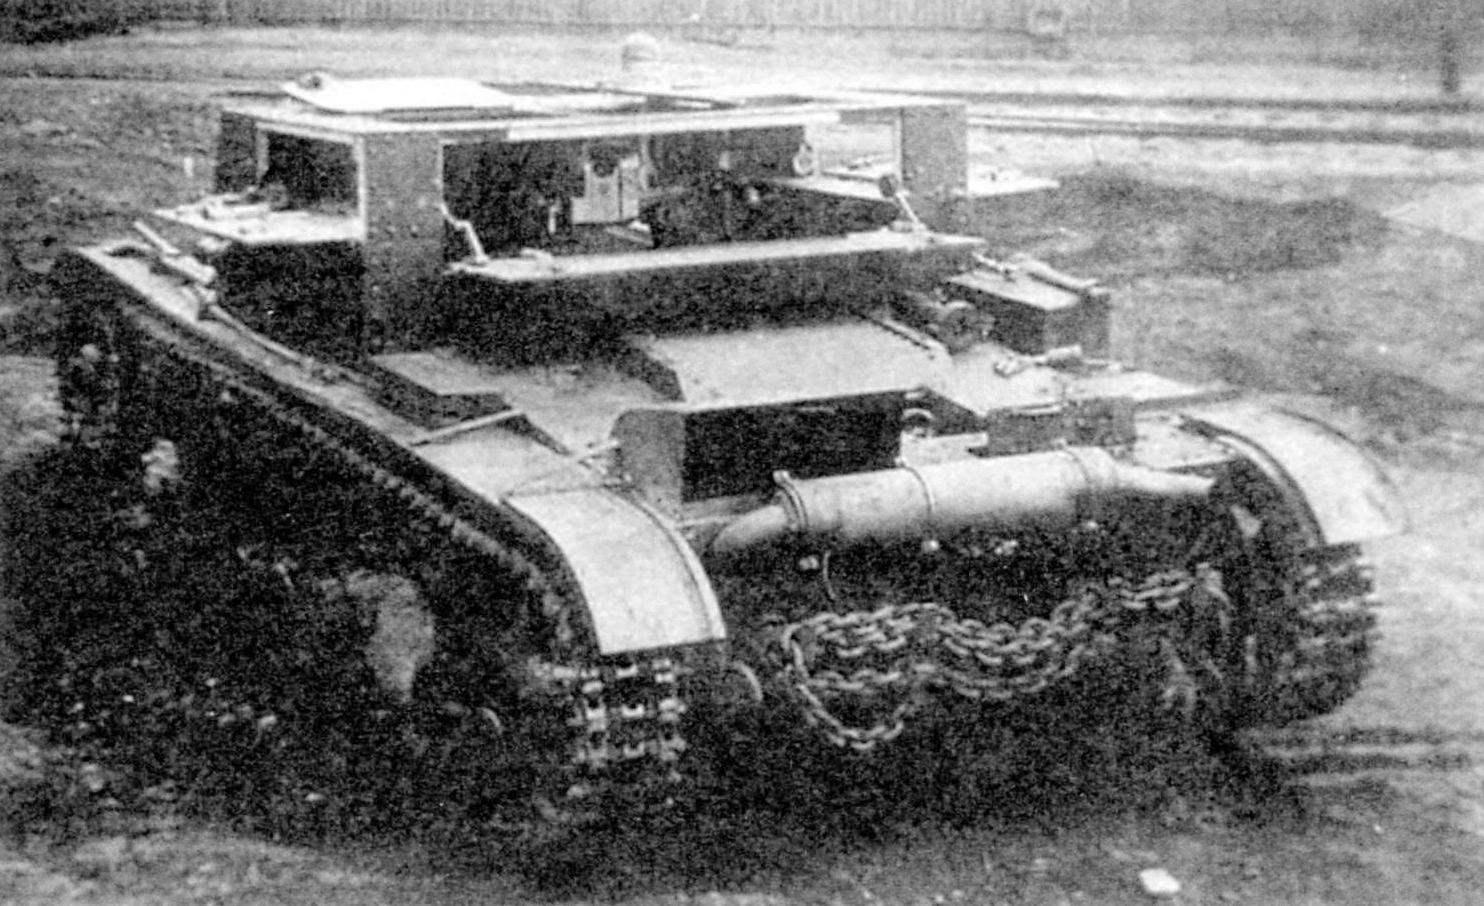 АТ-1. Вид с кормы при открытых щитах рубки